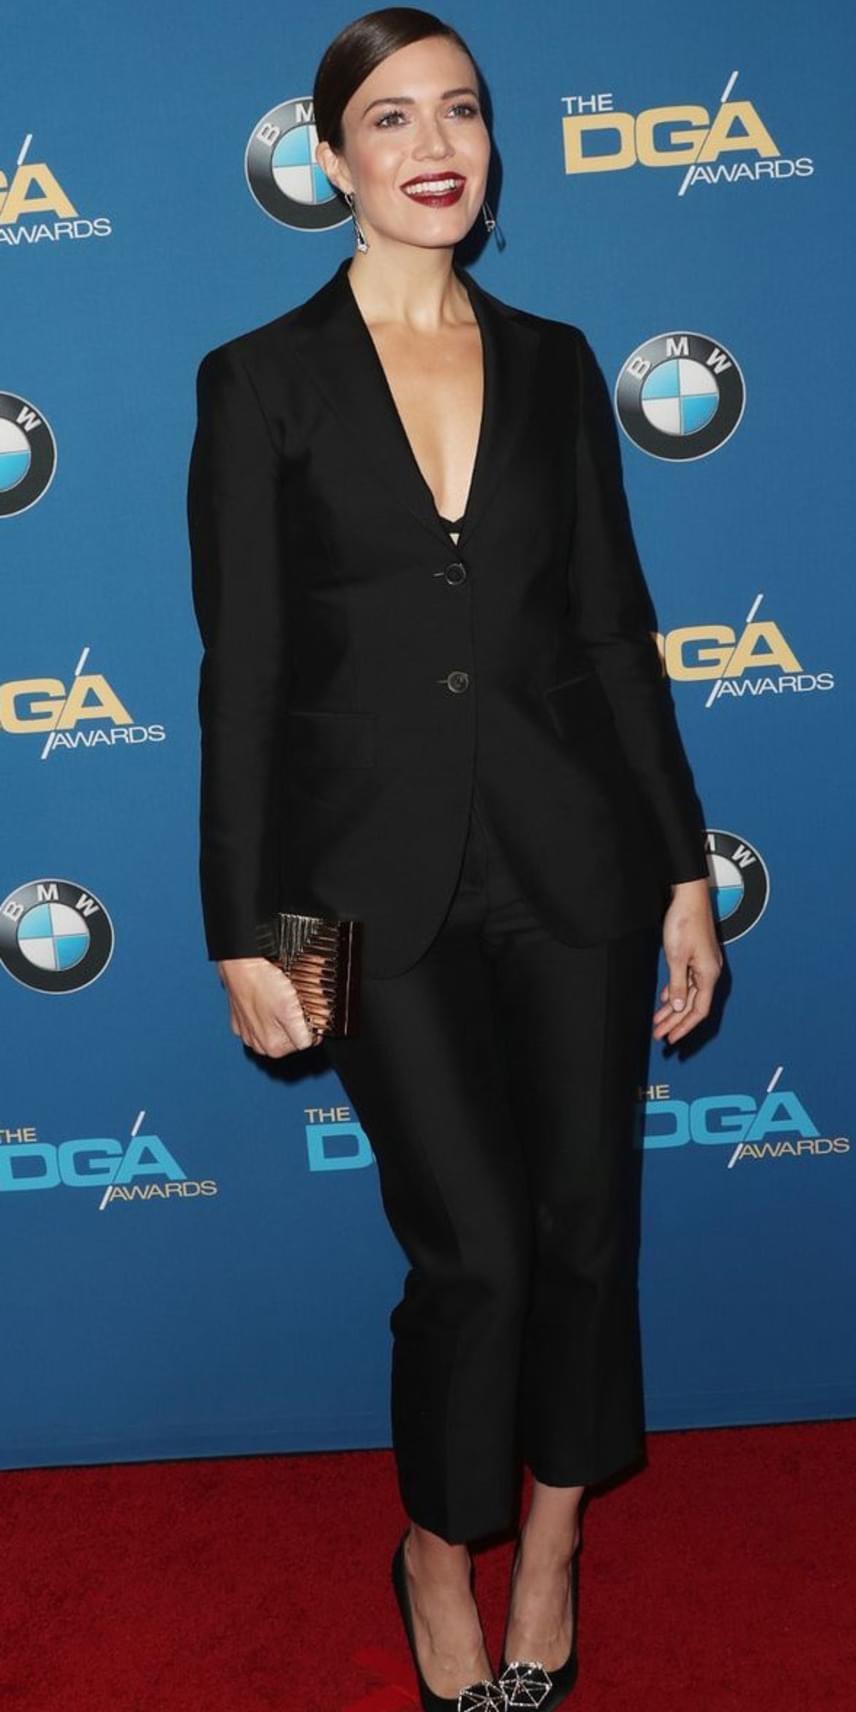 Mandy Moore általában a nőiességét igyekszik kihangsúlyozni az öltözködésében, most viszont az androgün stílus kedvelőinek egyenruháját, egy fekete kosztümöt húzott magára.